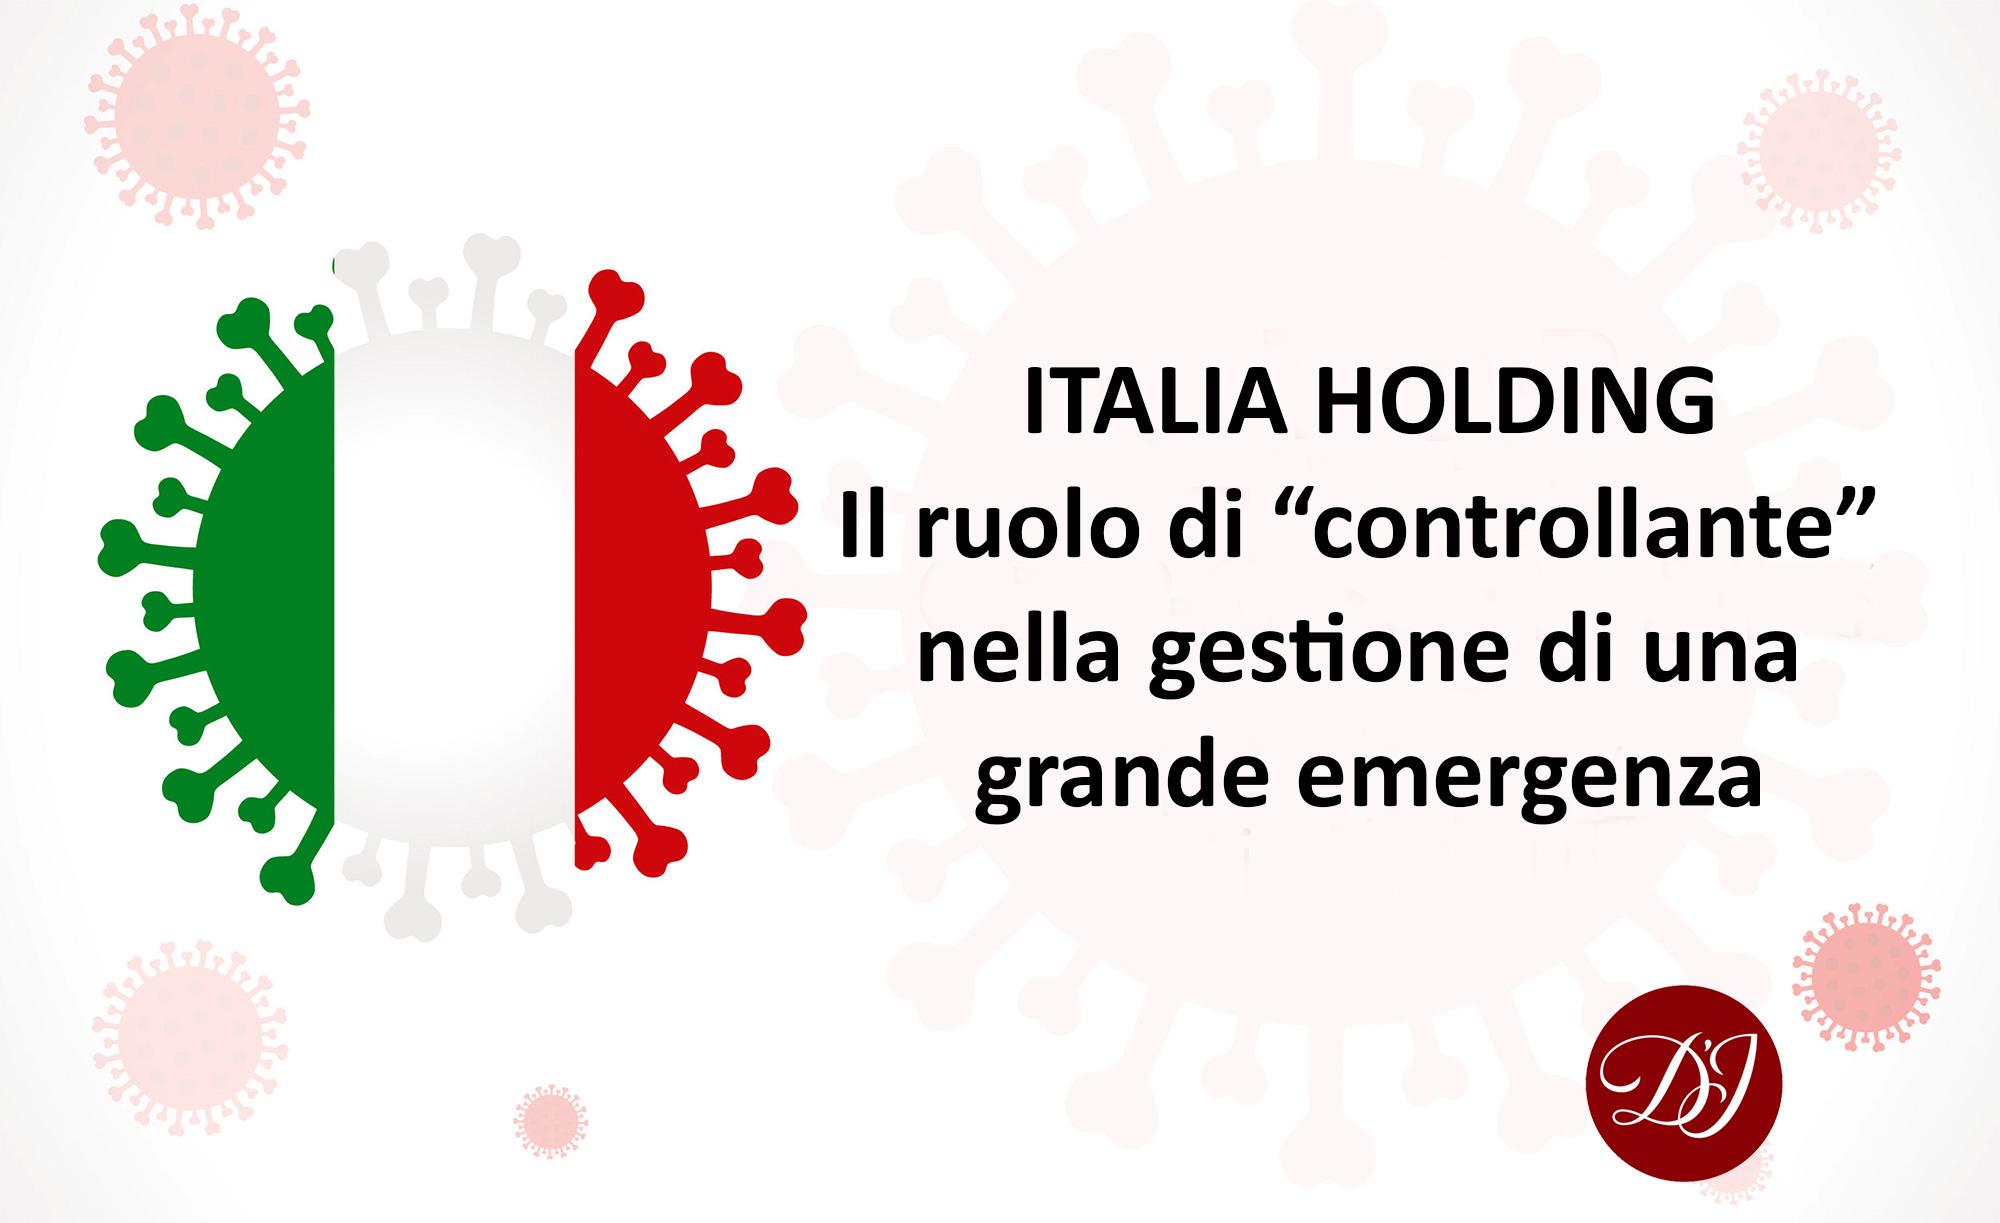 """ITALIA HOLDING – Il ruolo di """"controllante"""" che ogni stato, civile e democratico, dovrebbe assumere nella gestione di una grande emergenza"""